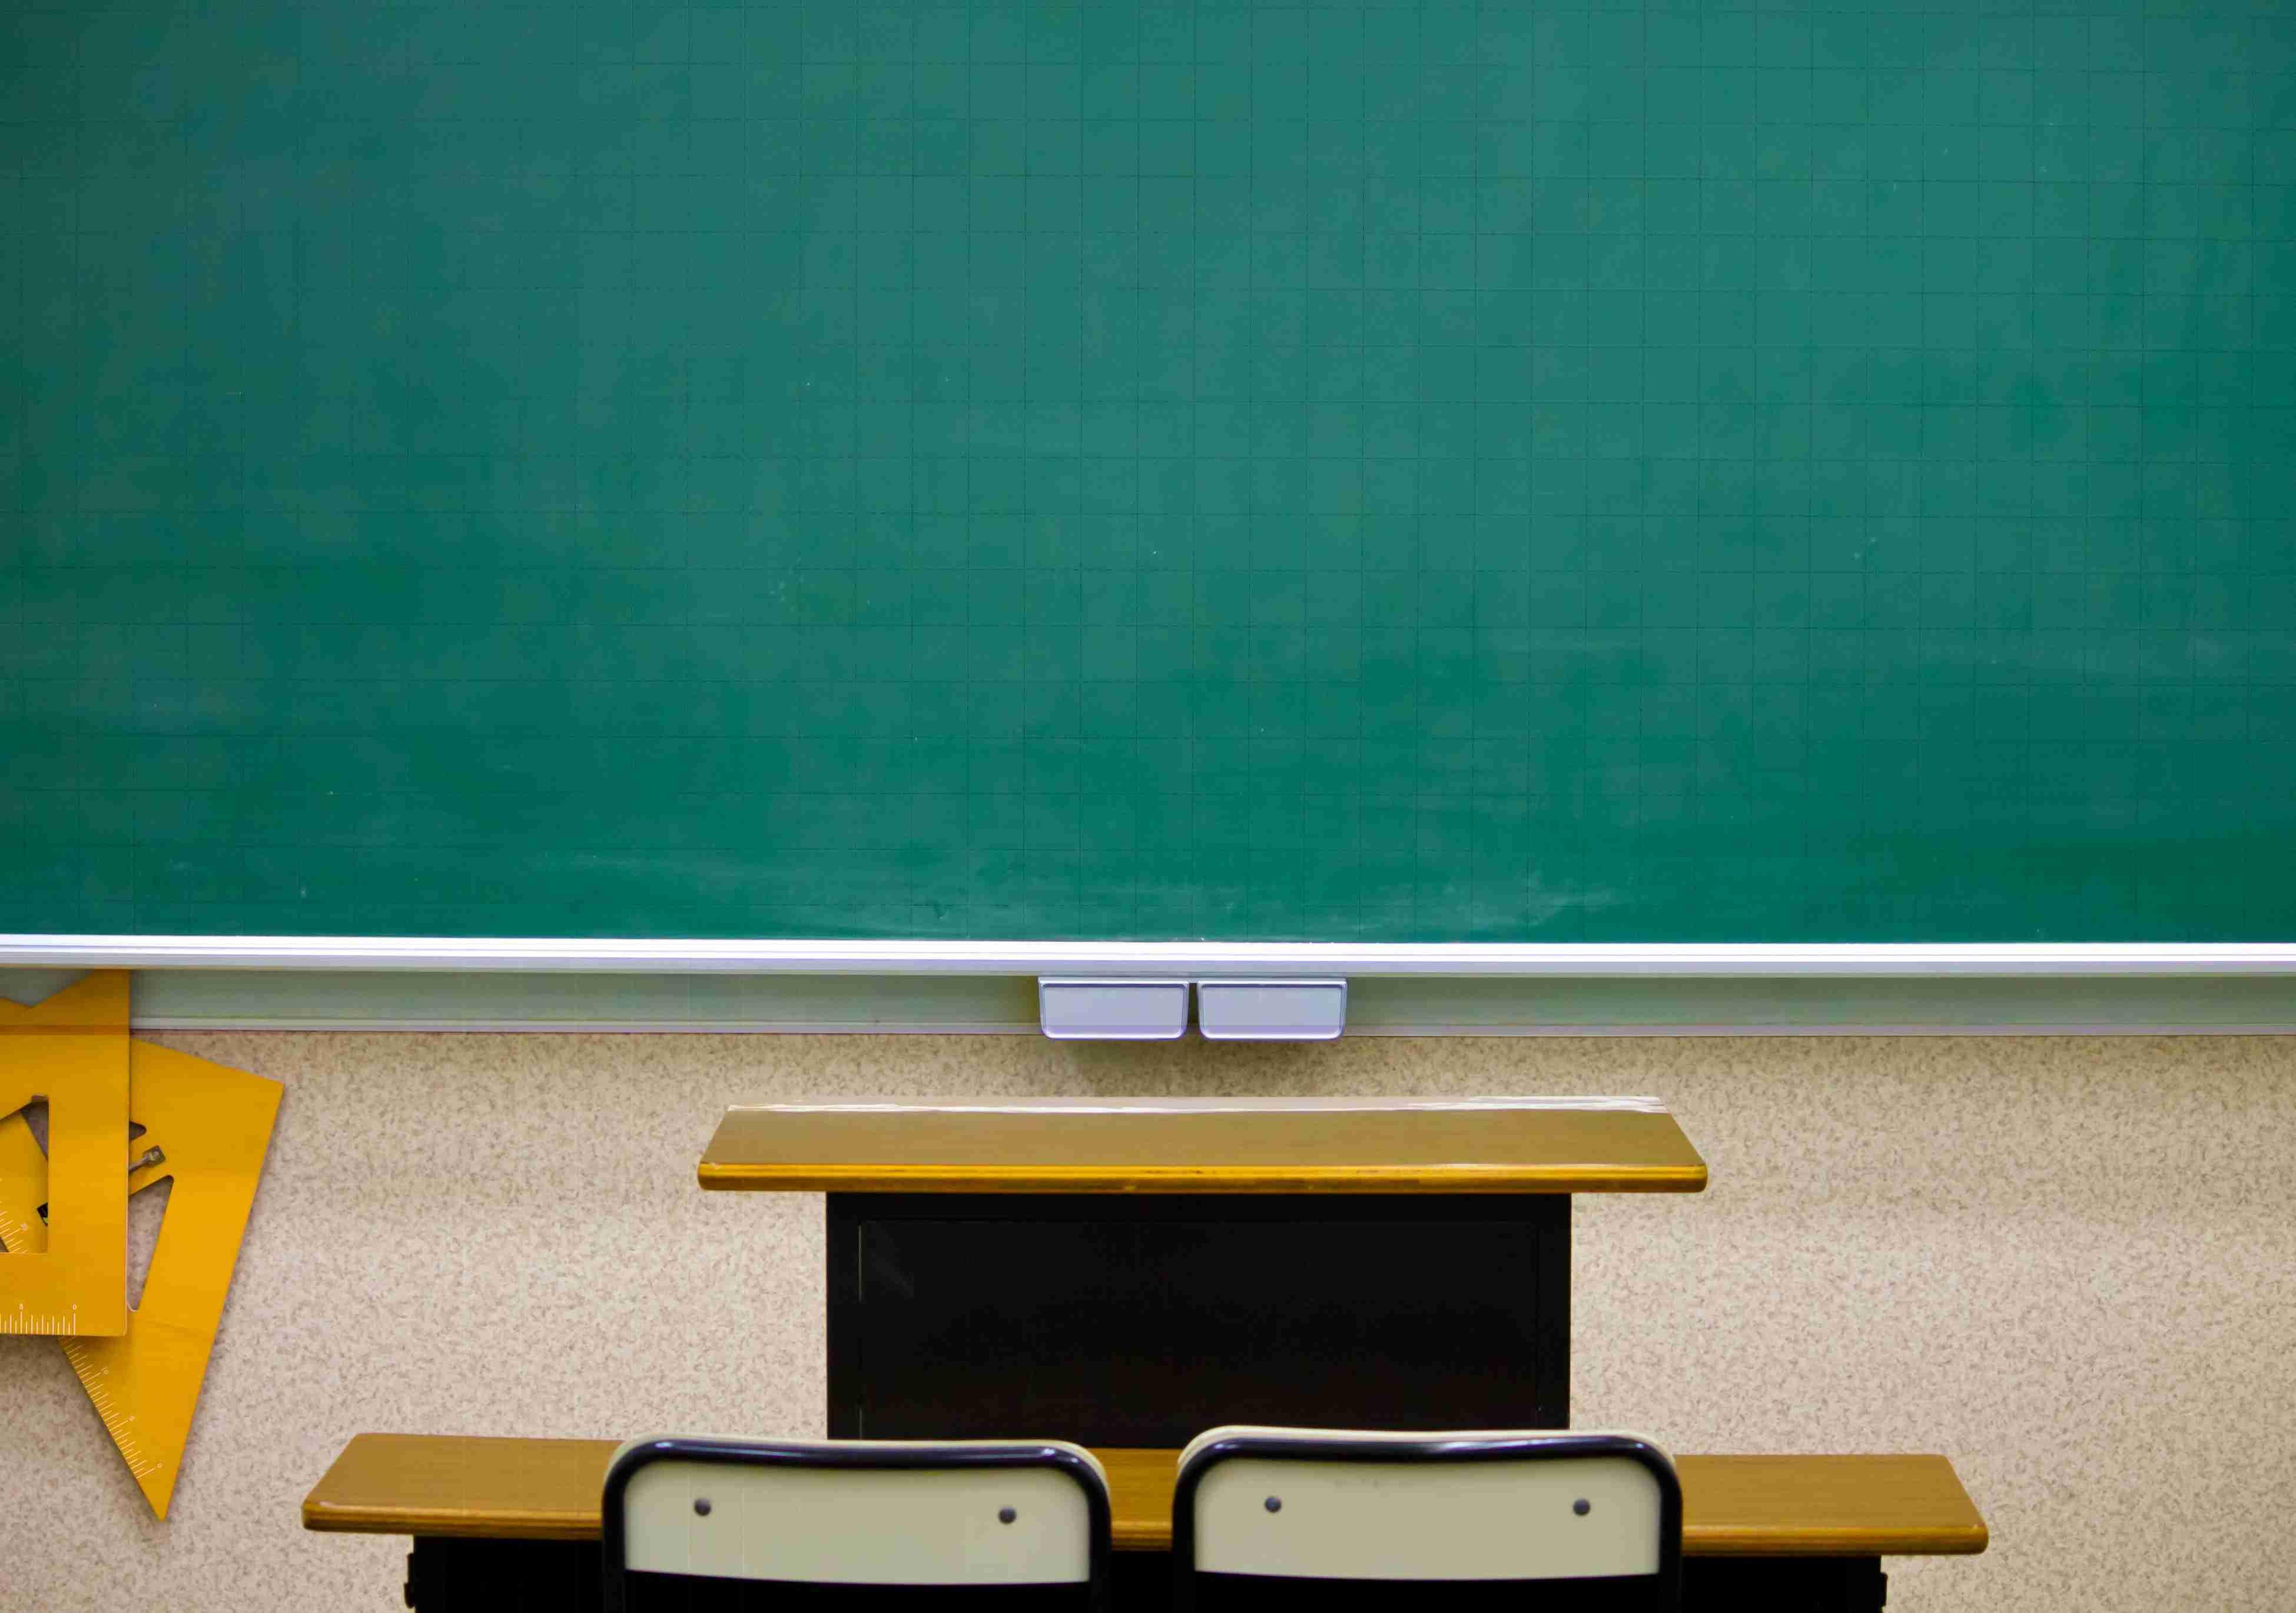 児童の名前を黒板に「忘れ物ランキング」と掲示 女性教諭を注意